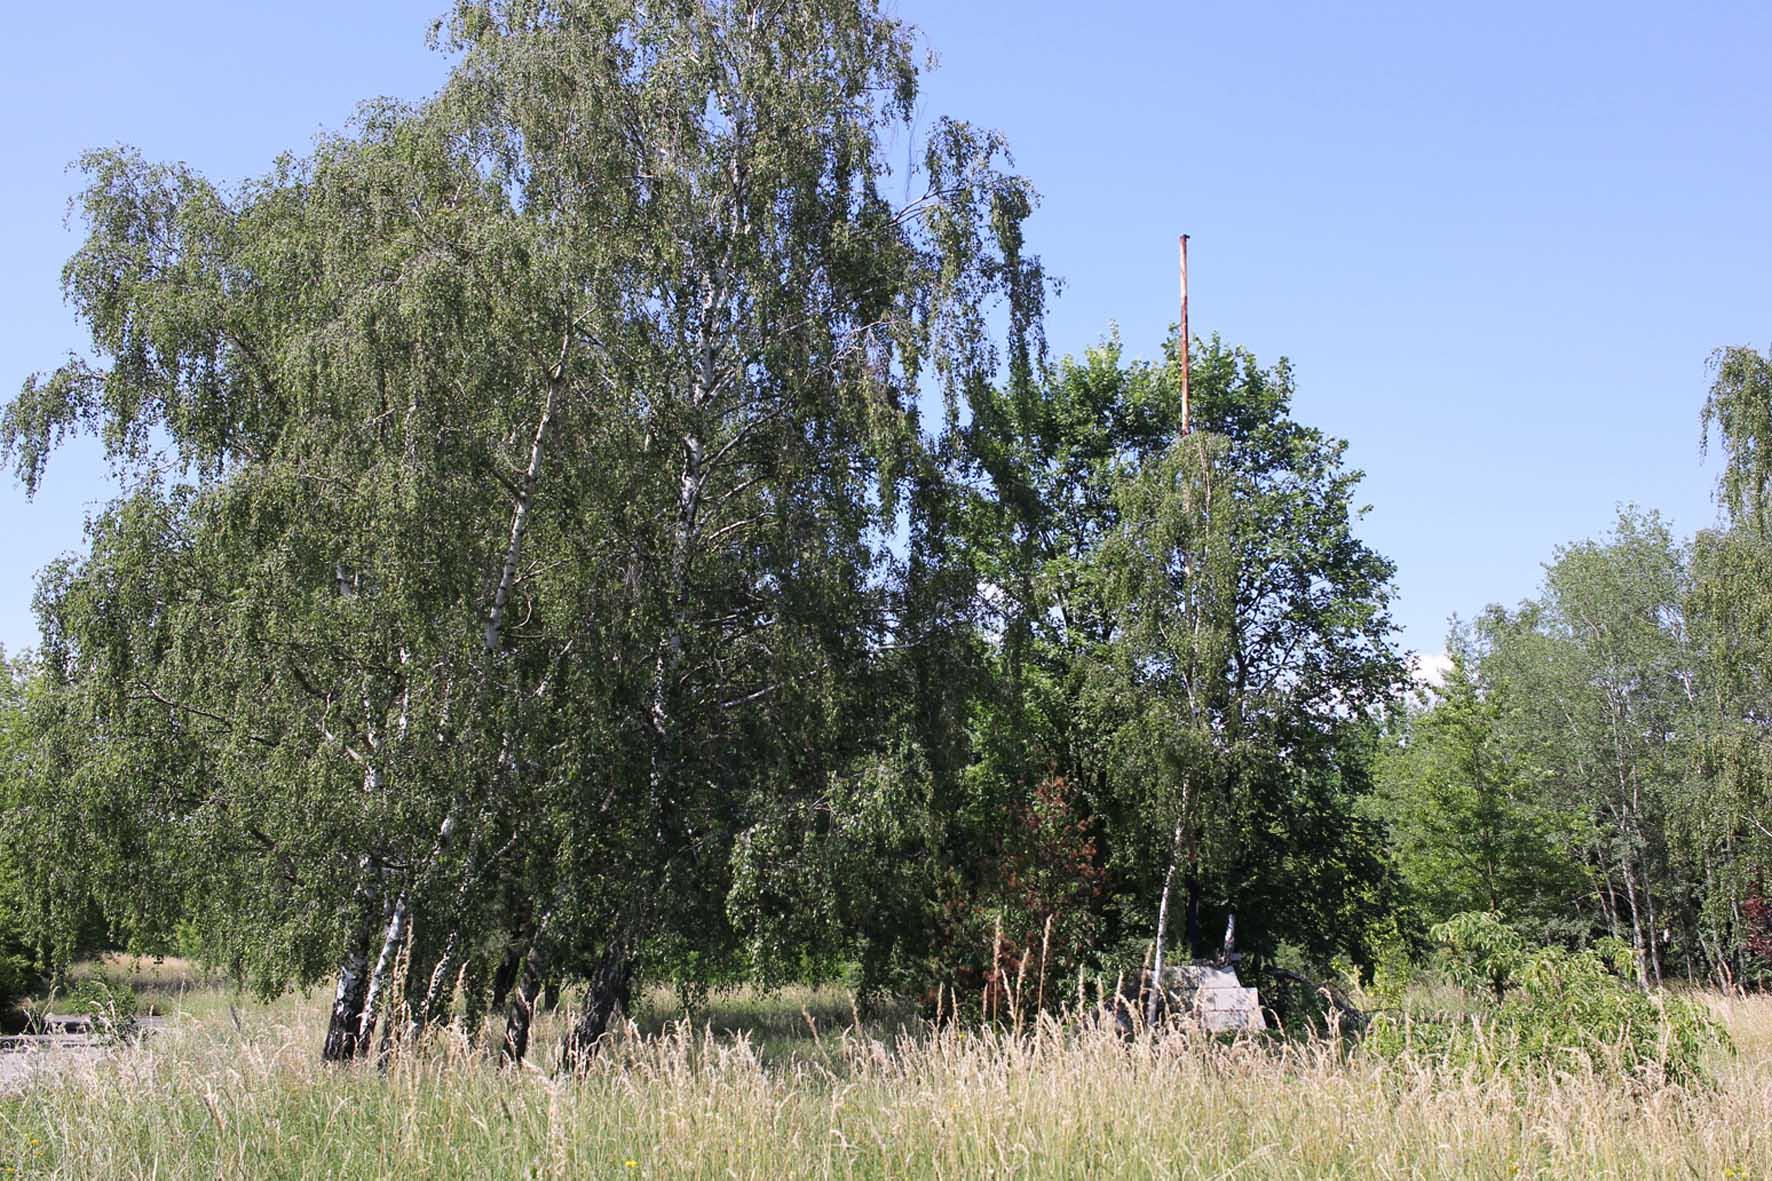 Eine rostige Fahnenstange in der Nähe der Osdorfer Straße Grenze Parks Range und Doughboy City - ein ehemaliger Truppenübungsplatz der US Army Berlin Brigade